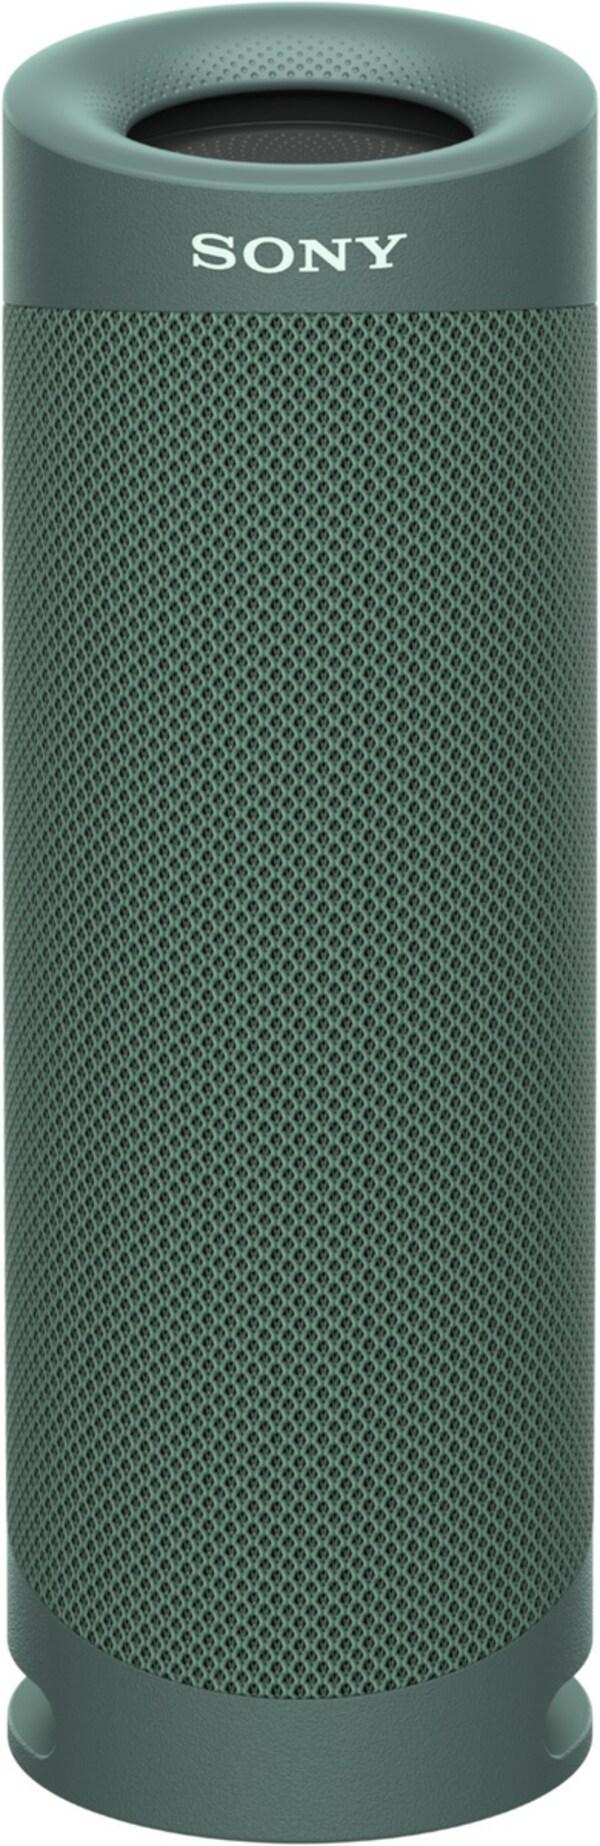 SRS-XB23G Multimedia-Lautsprecher grün